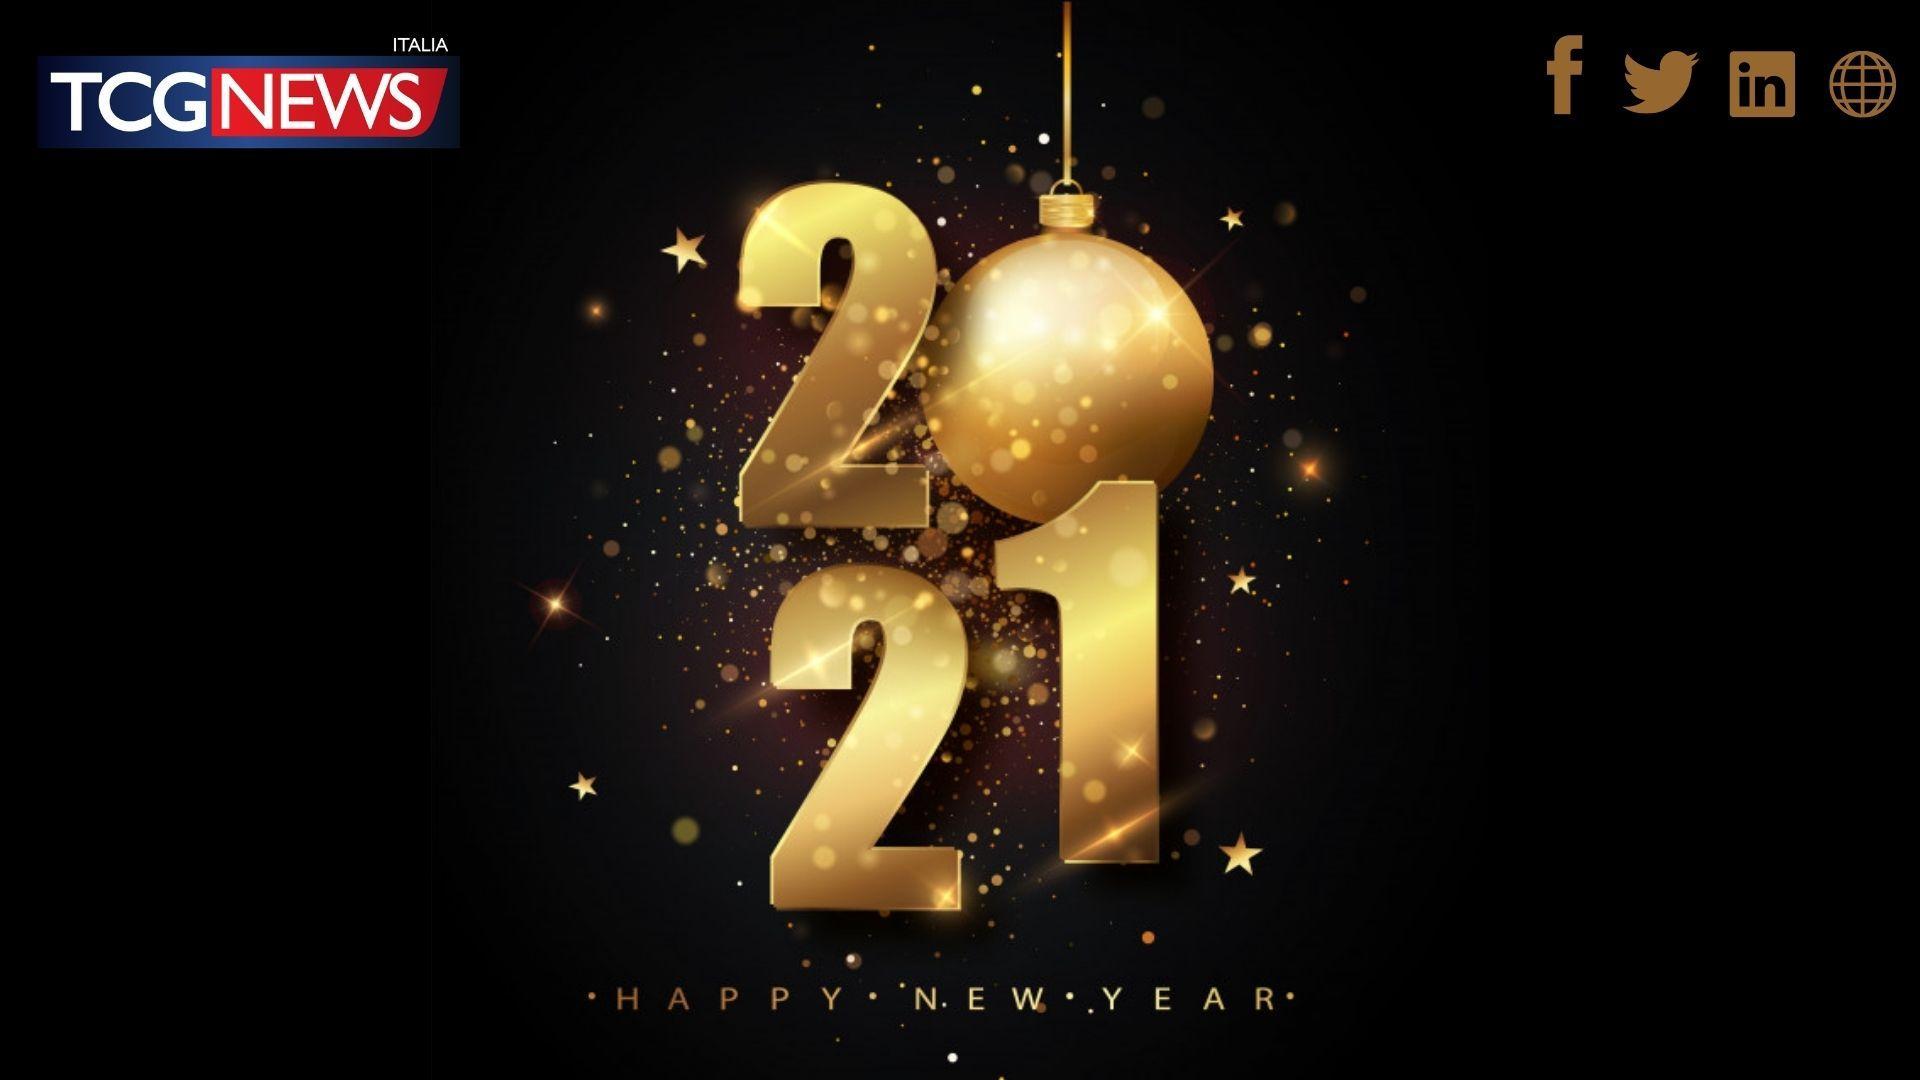 Buon anno 2021 dalla Redazione di TCG News Italia